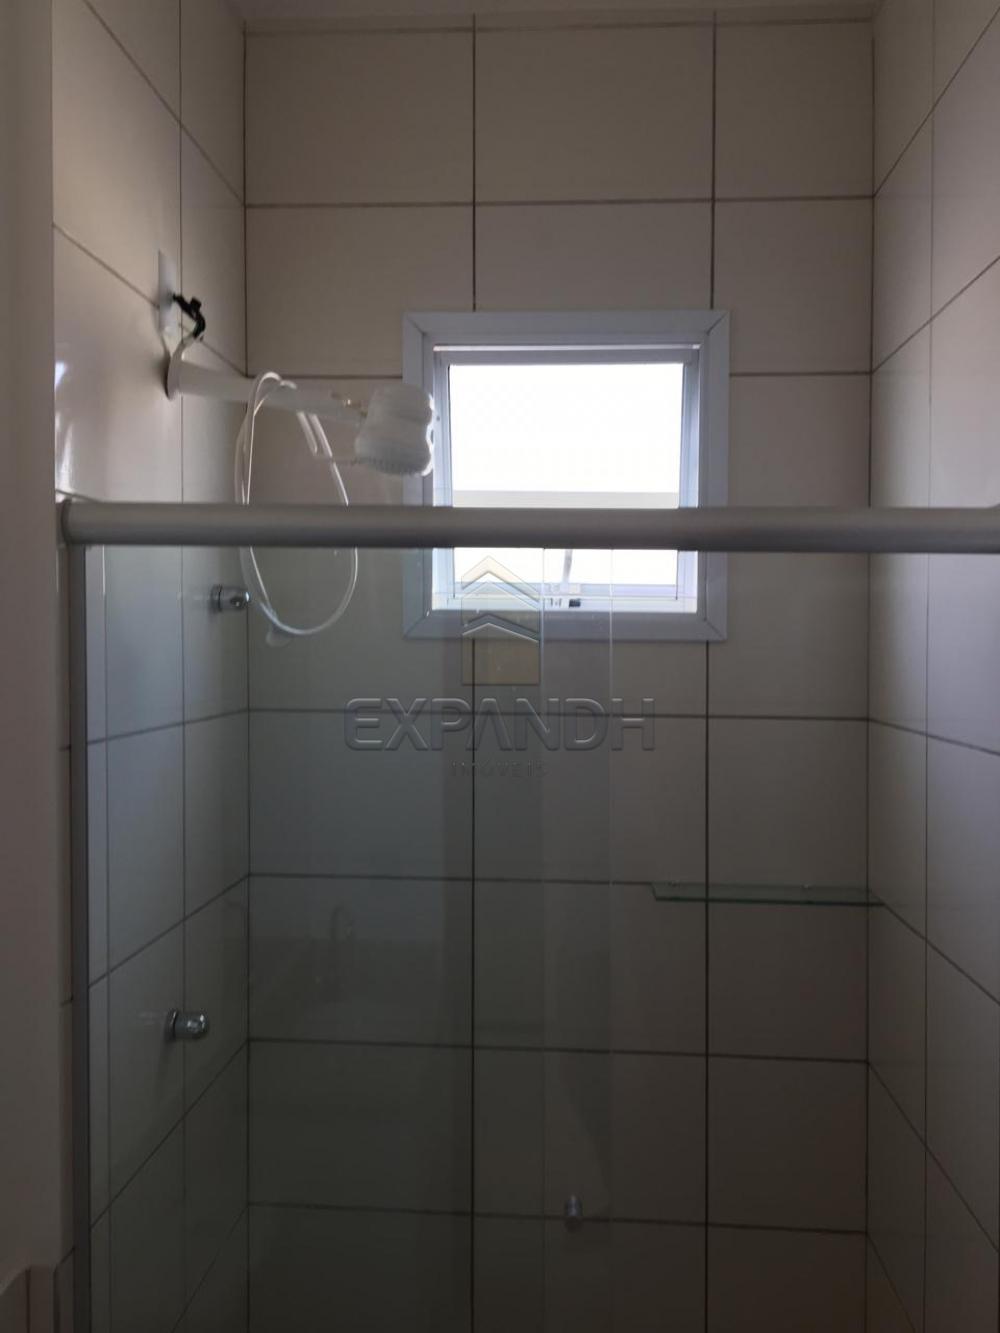 Alugar Casas / Condomínio em Sertãozinho R$ 1.200,00 - Foto 32